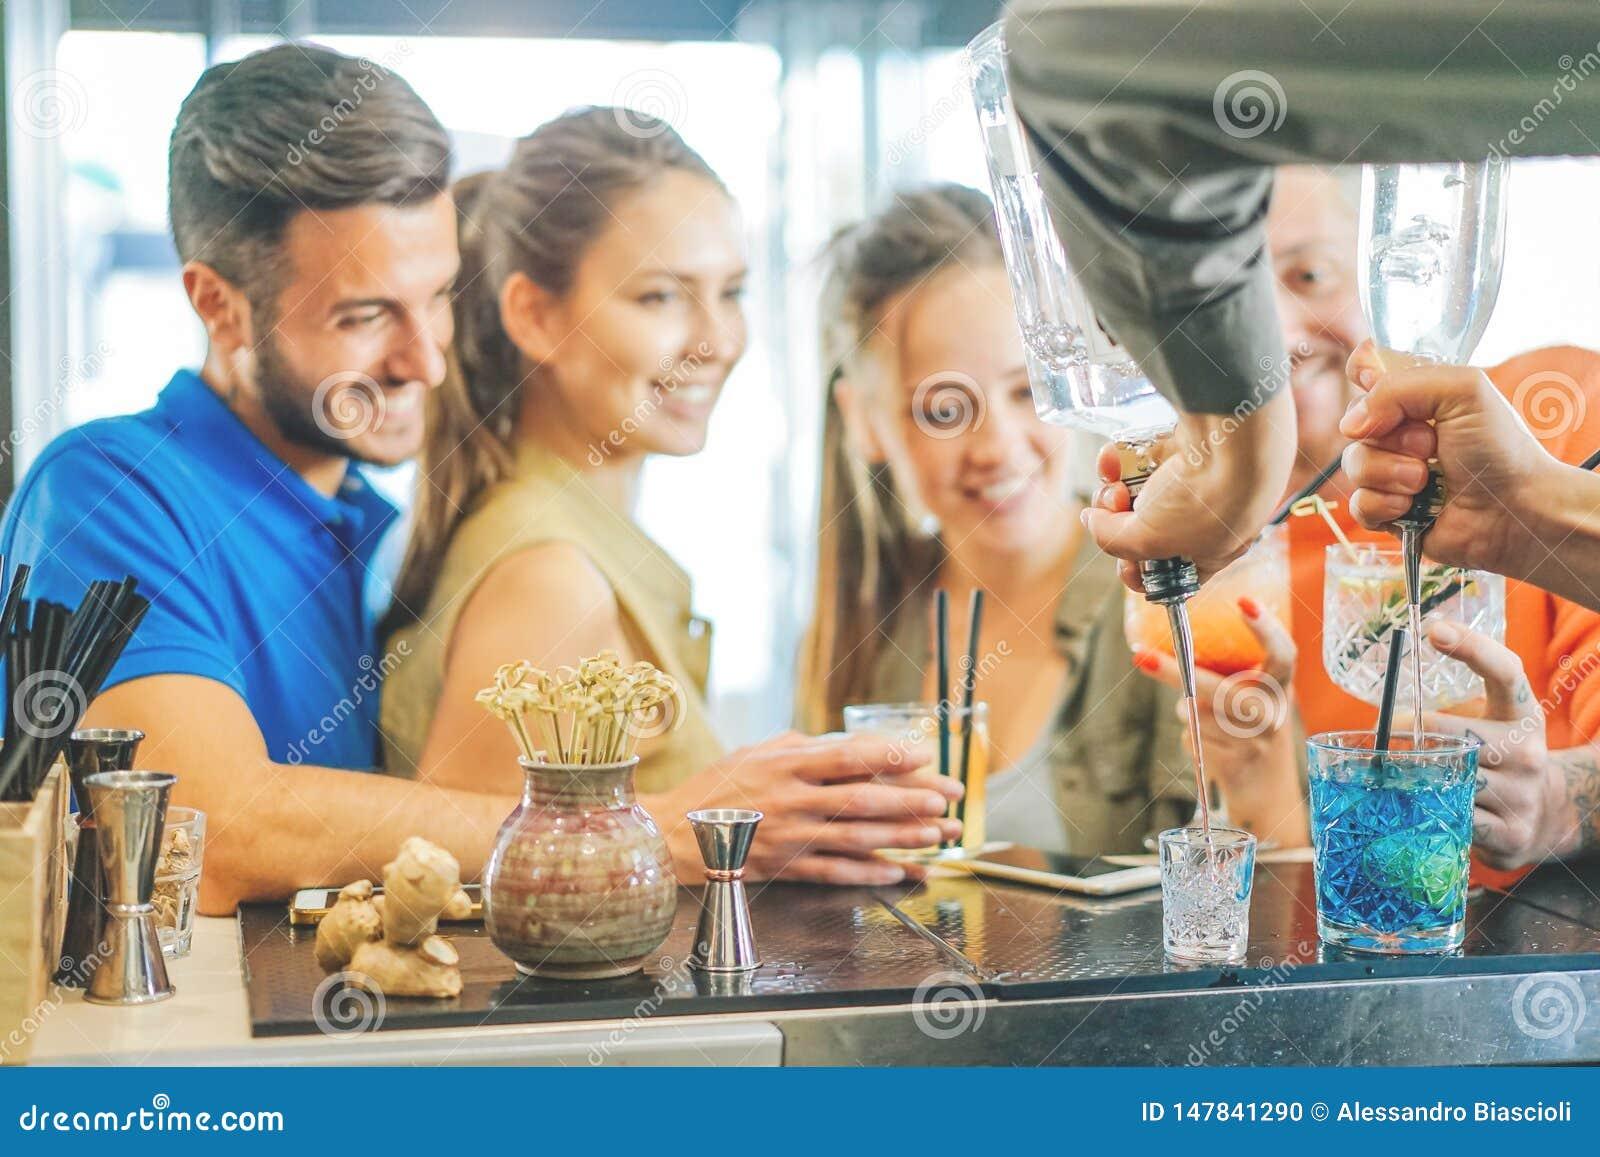 Jong paar van vrienden die cocktails drinken bij de barteller - Barman die kleurrijke cocktail voorbereiden